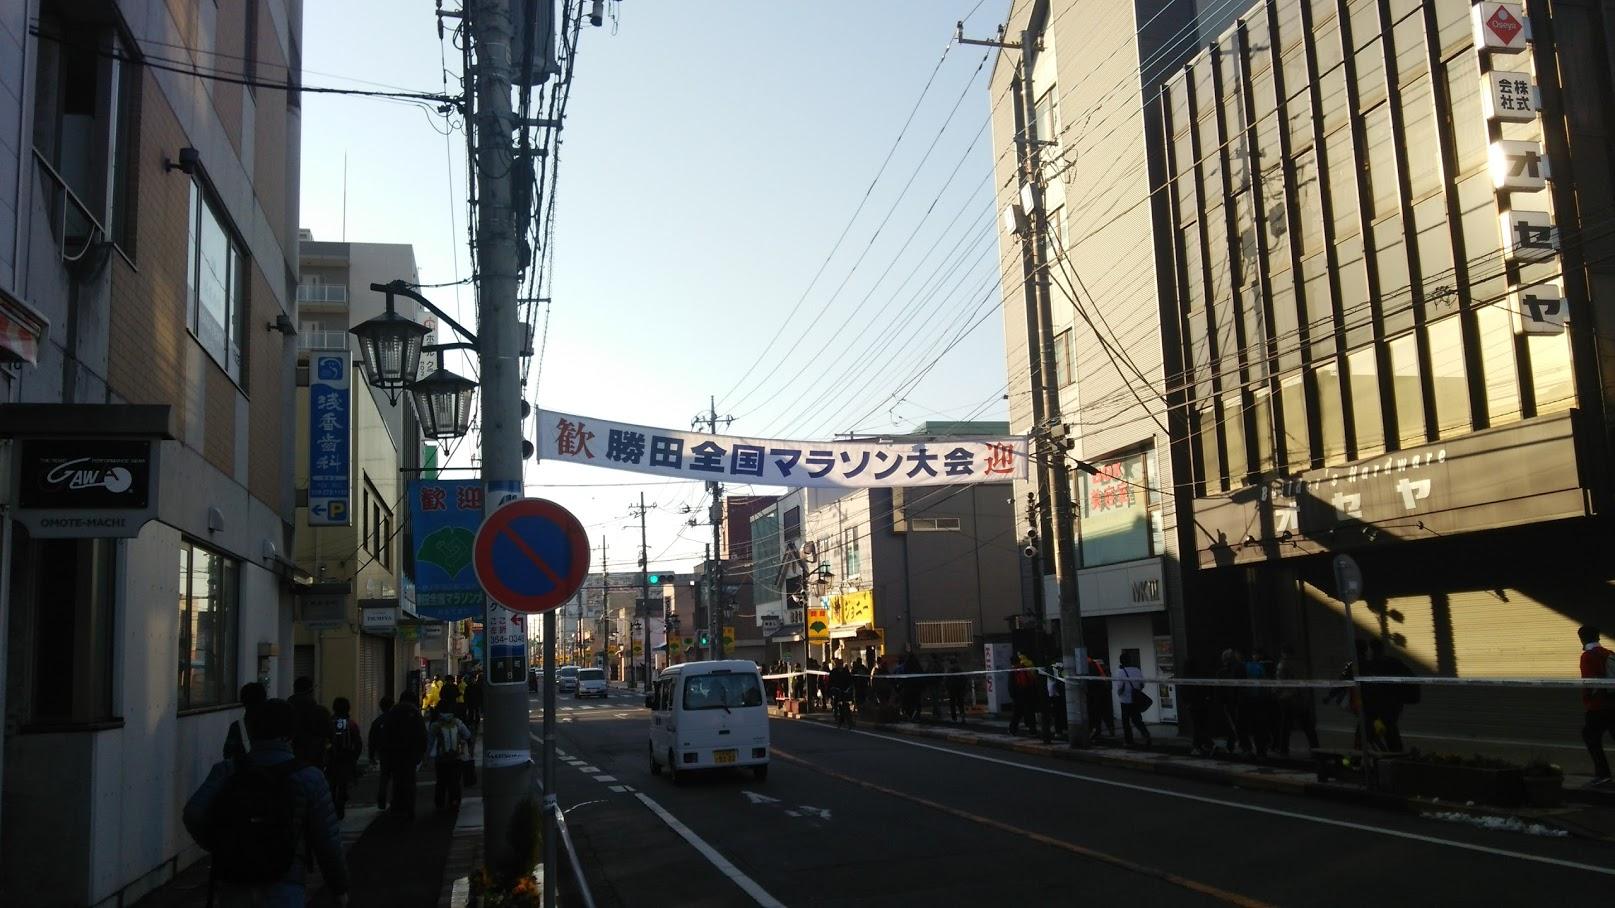 第64回勝田全国マラソン出場結果、詳細編その1